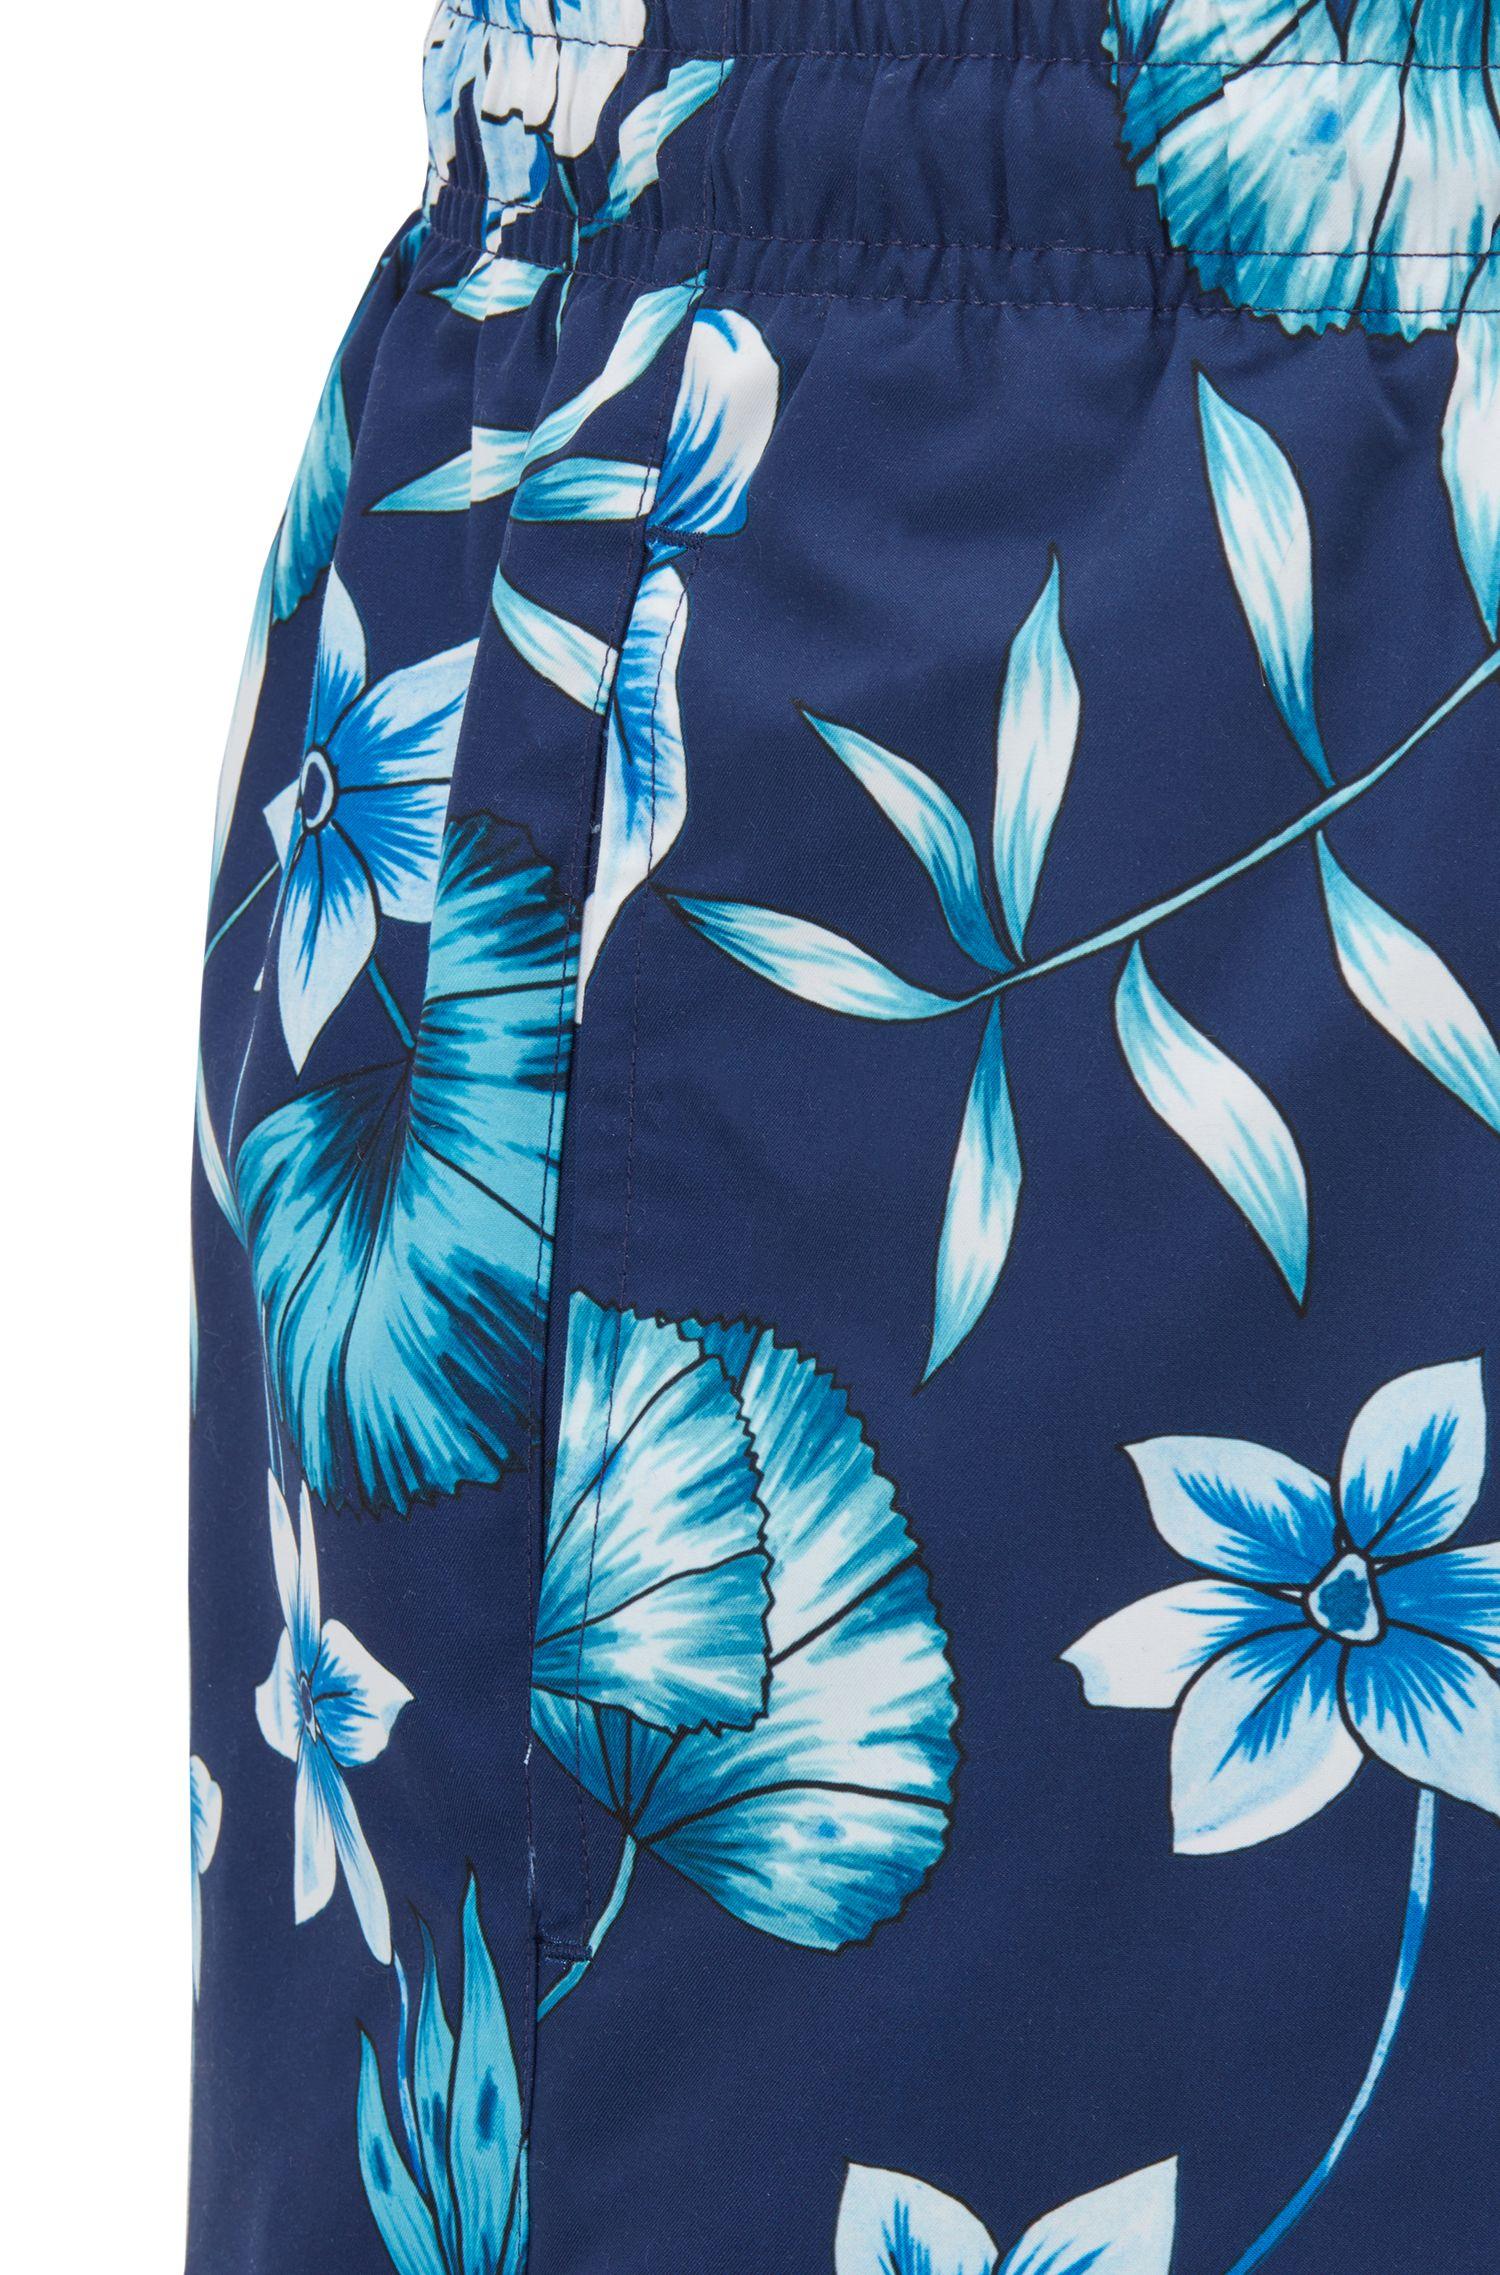 Bañador tipo shorts en tejido técnico con función de secado rápido y estampado floral, Celeste